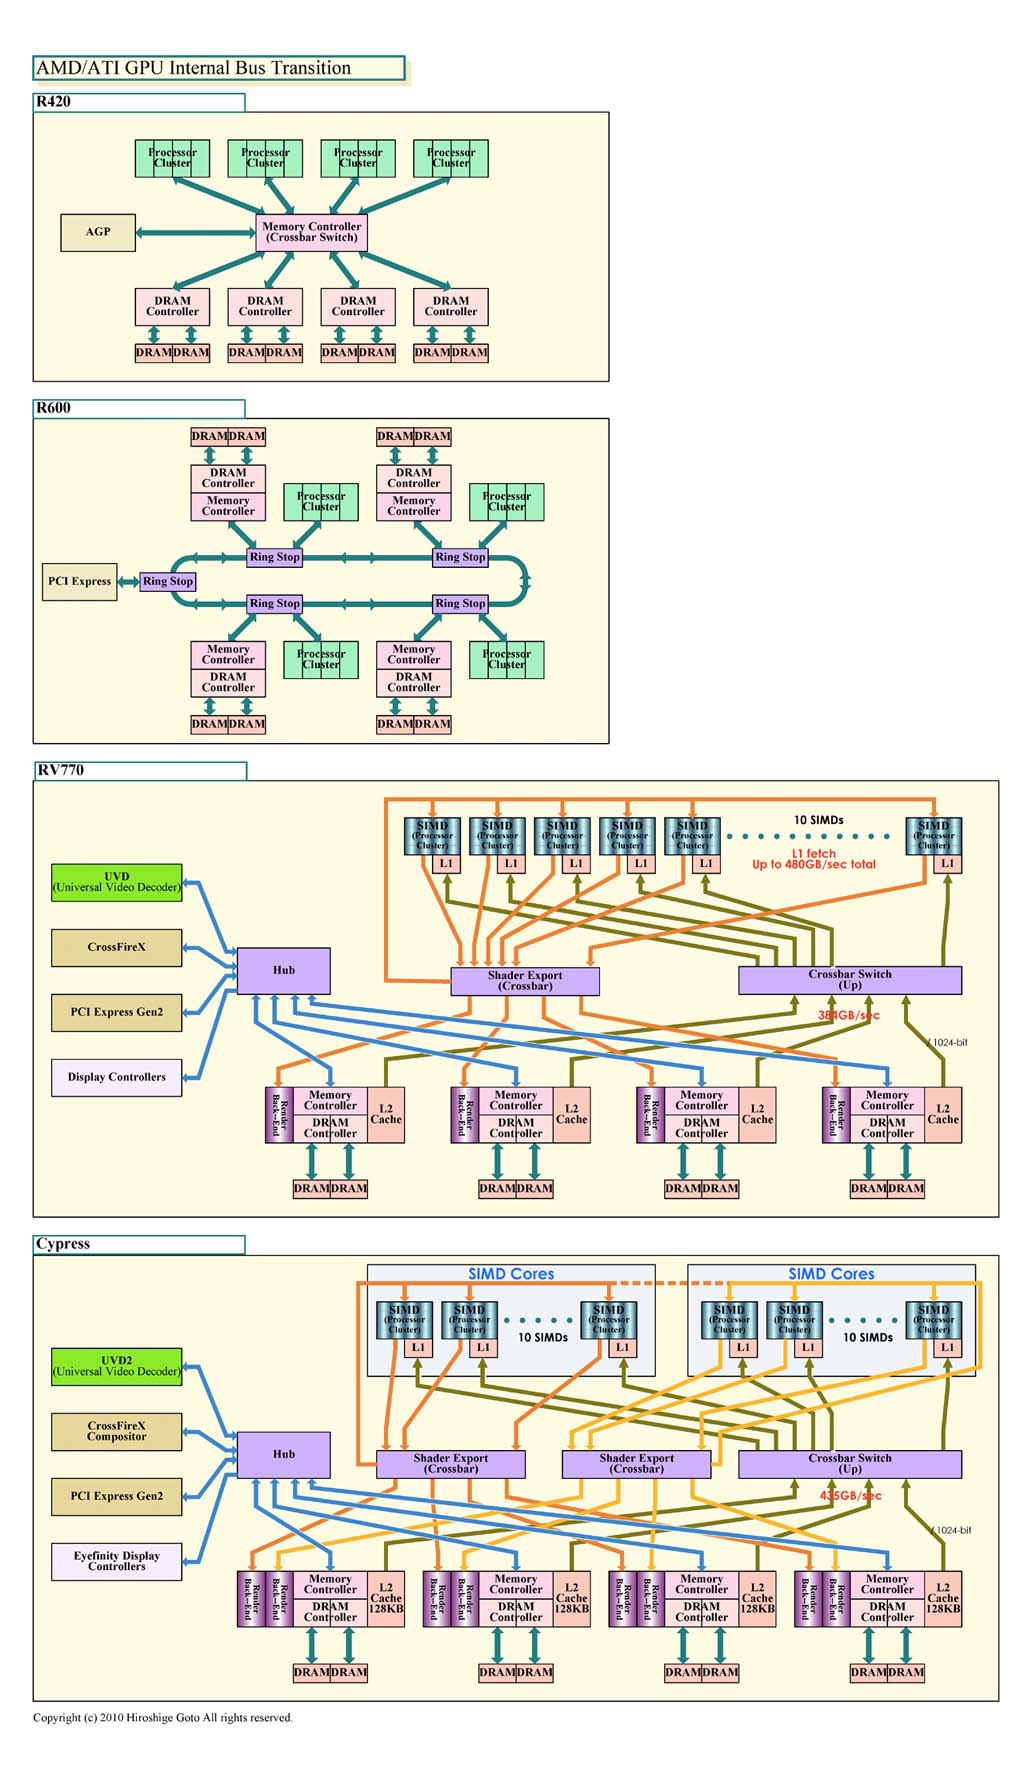 """AMD GPUの内部バス移行図(PDF版は<a href=""""/video/pcw/docs/463/041/p04.pdf"""">こちら</a>)"""